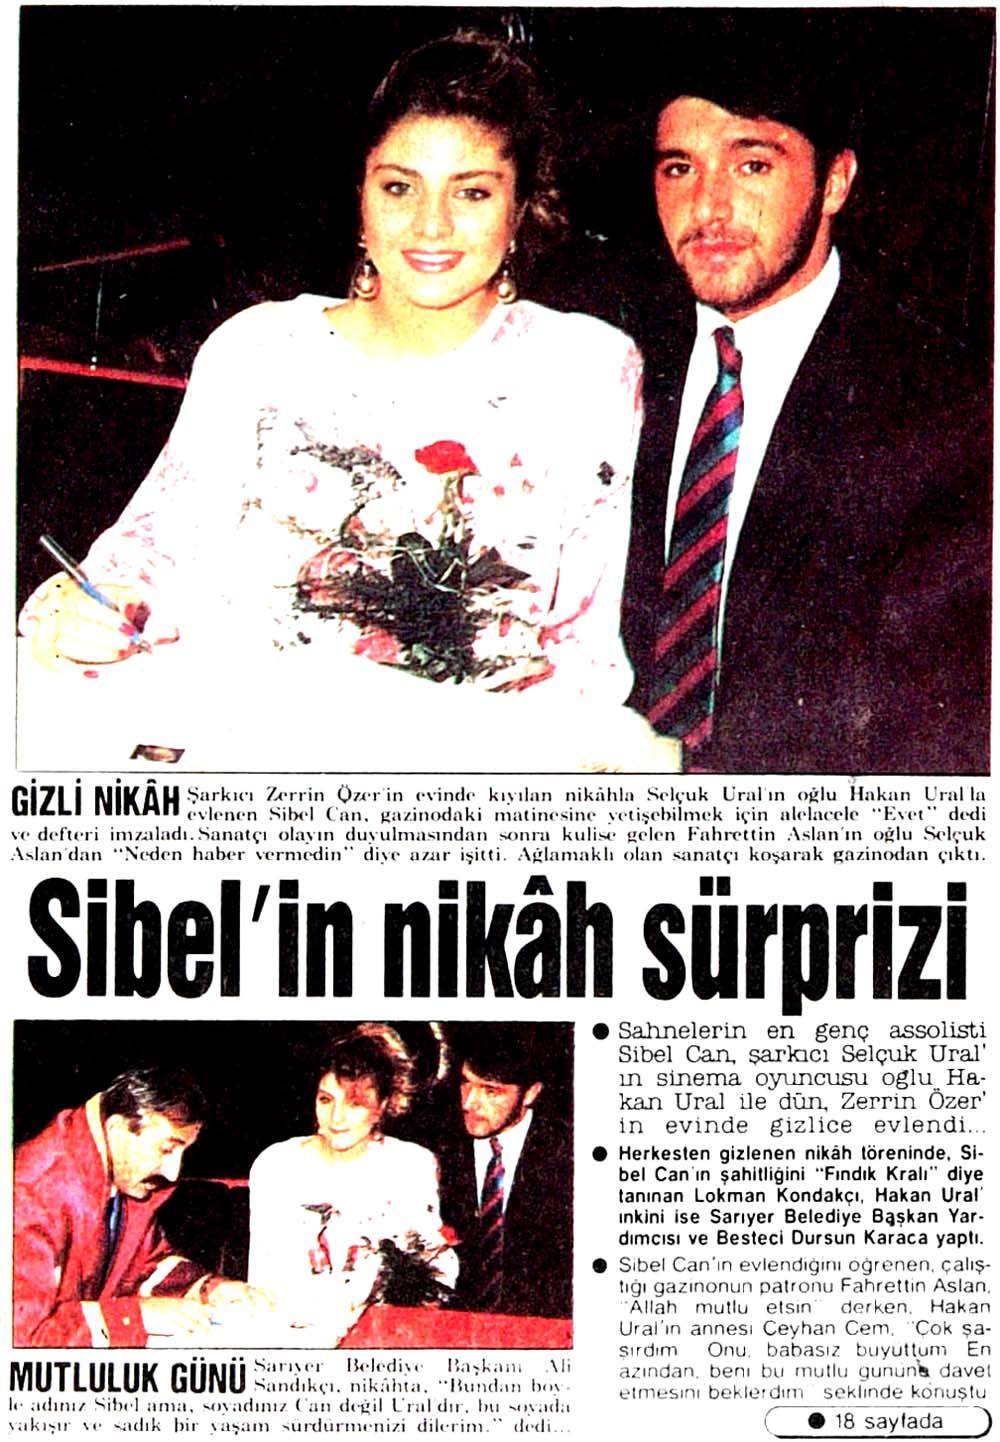 Sibel'in nikah sürprizi